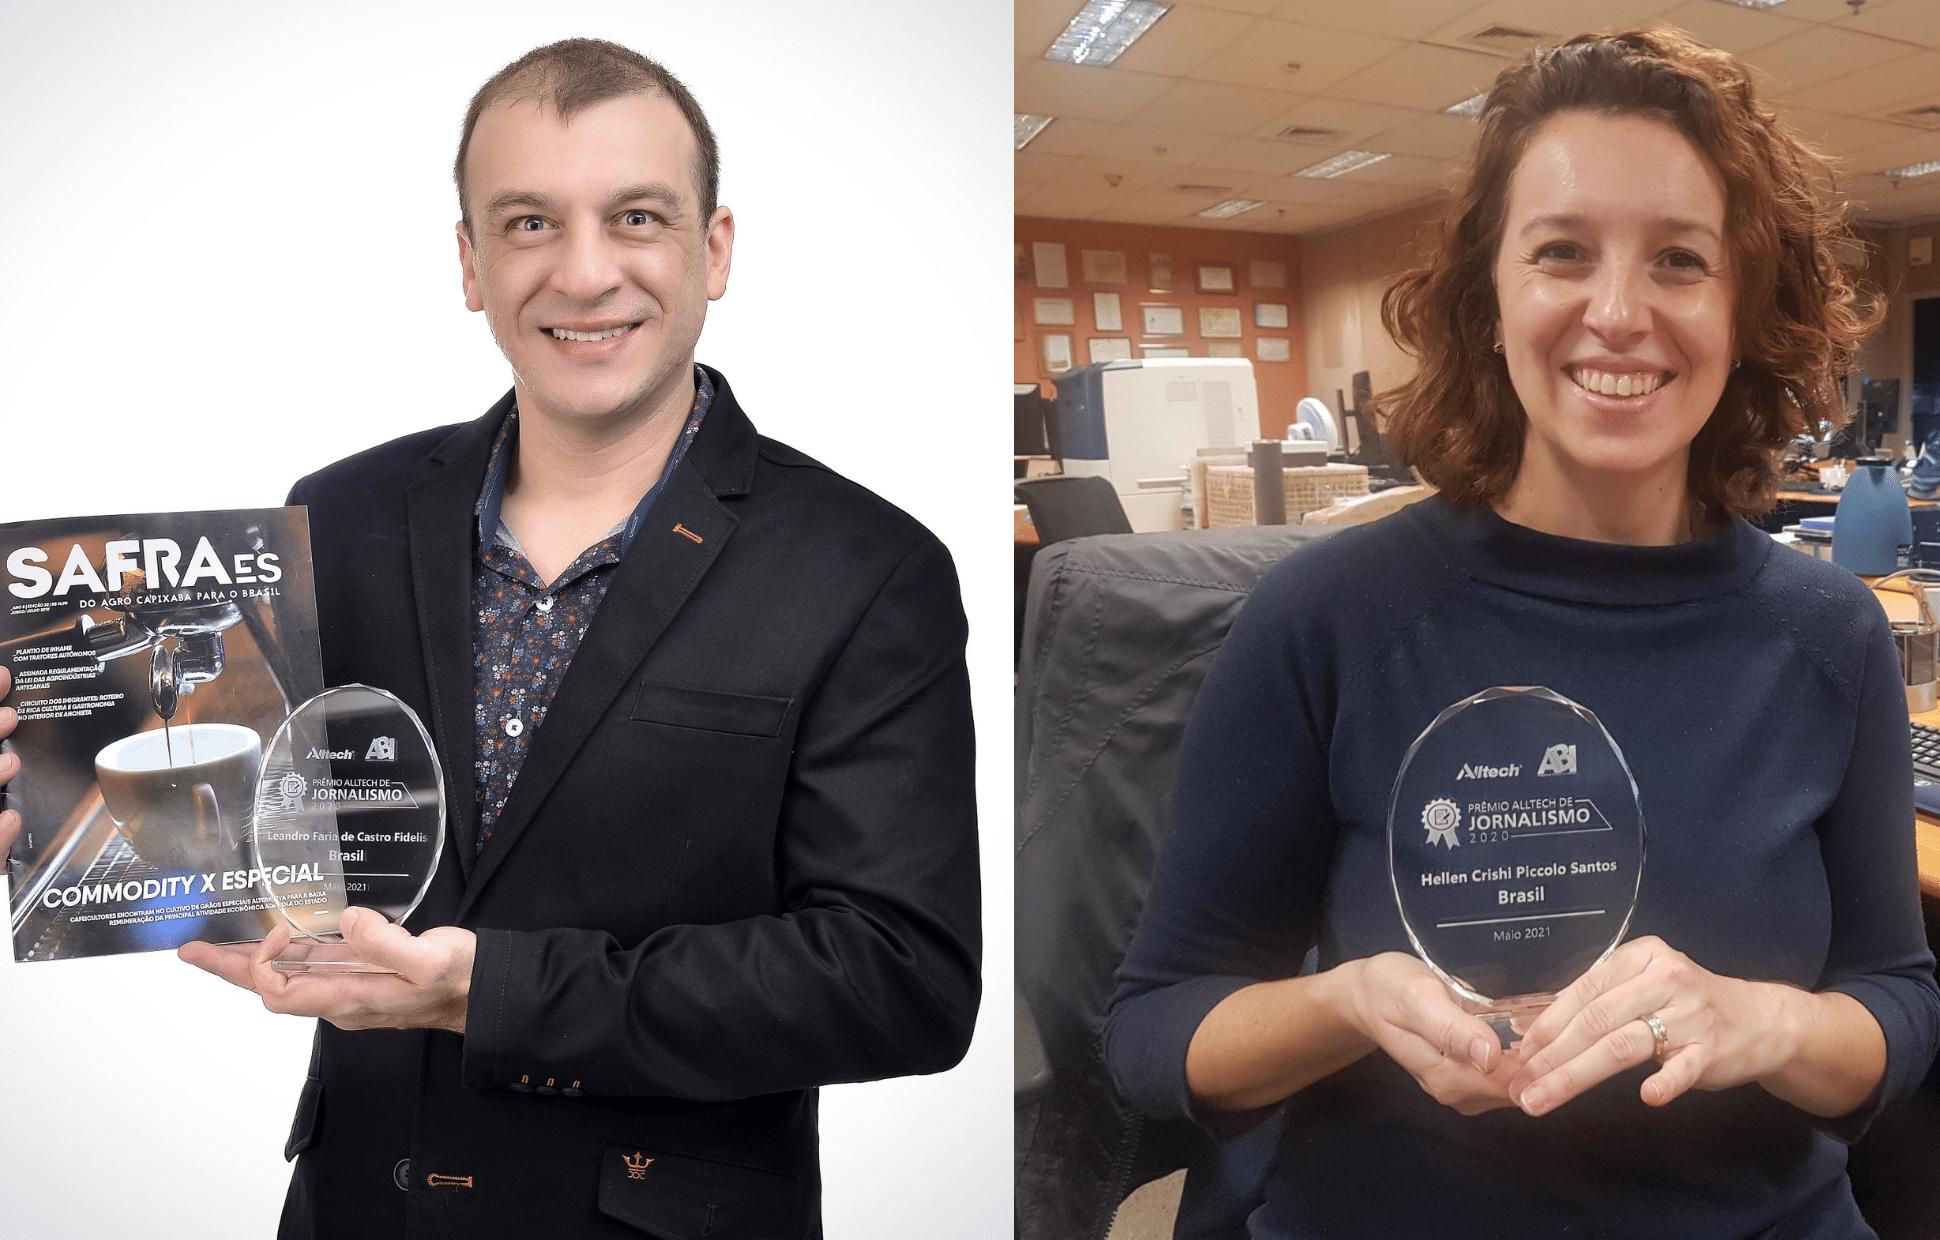 Prêmio Alltech de Jornalismo